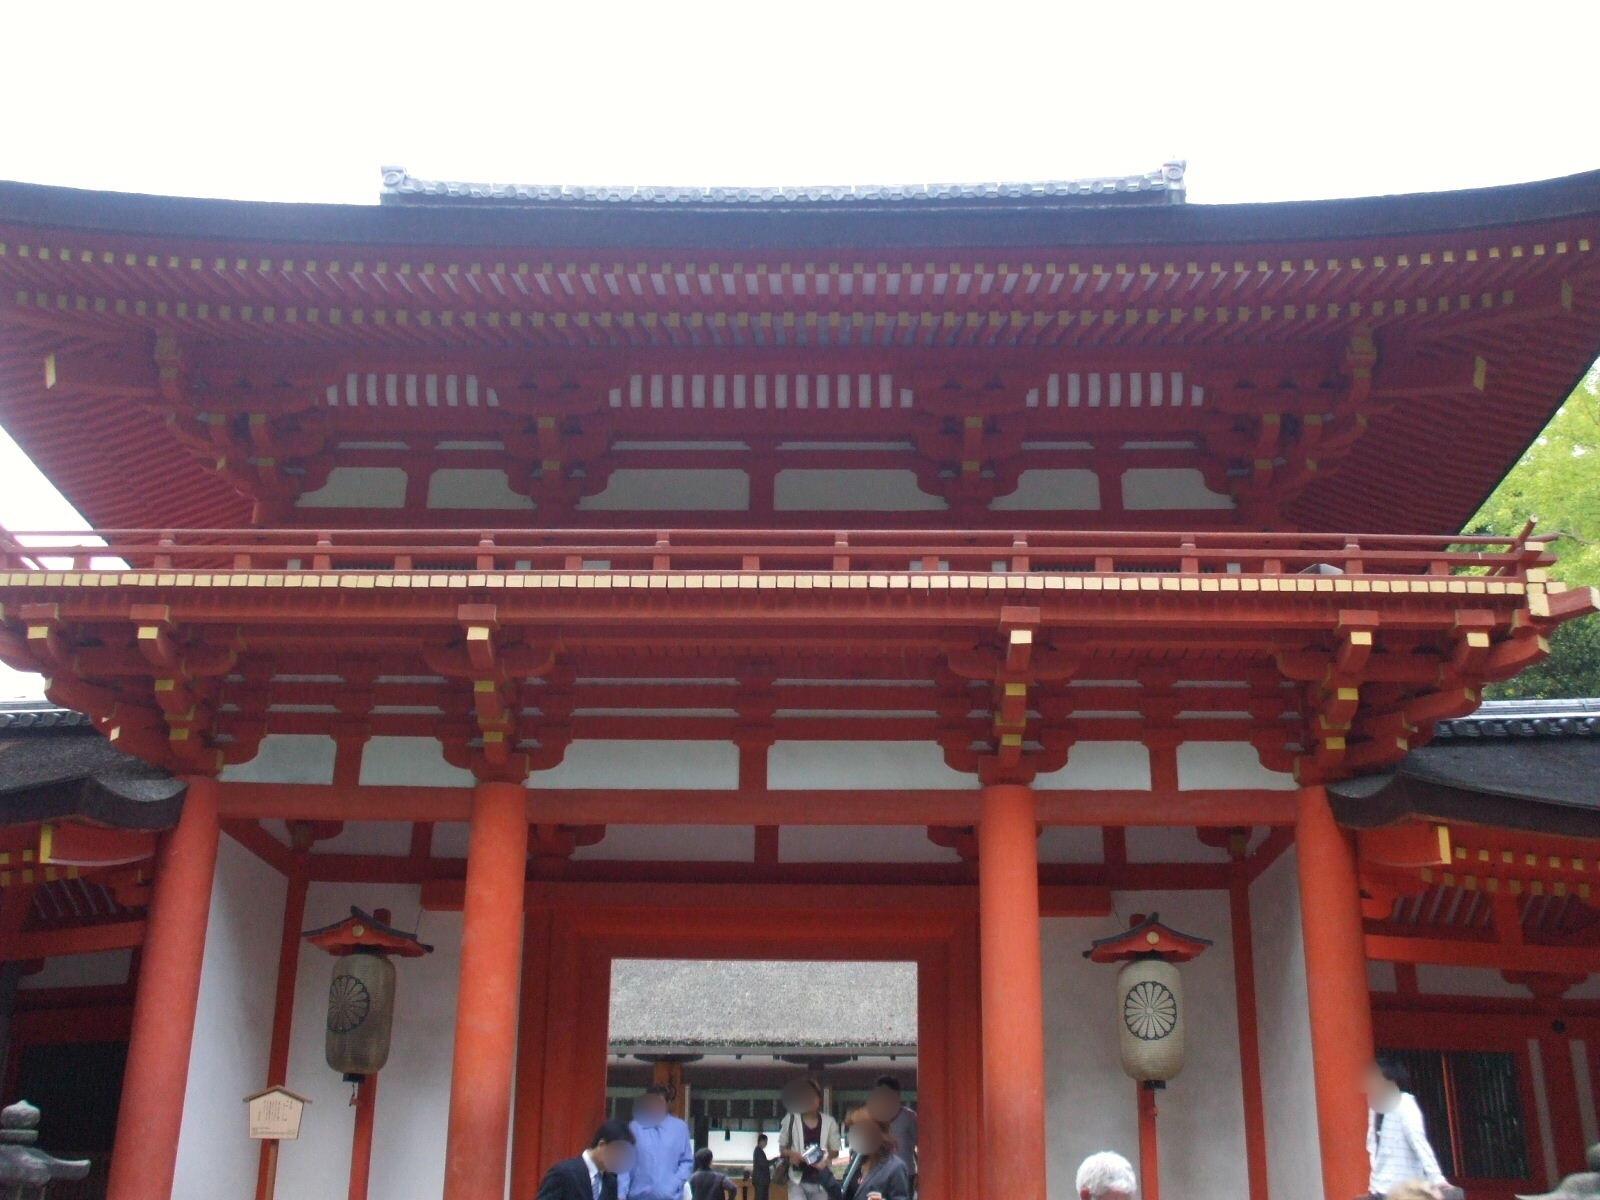 【奈良公園② 春日大社】 全国に1,000ある春日神社の総本社で、中臣氏(のちの藤原氏)の氏神を祀る